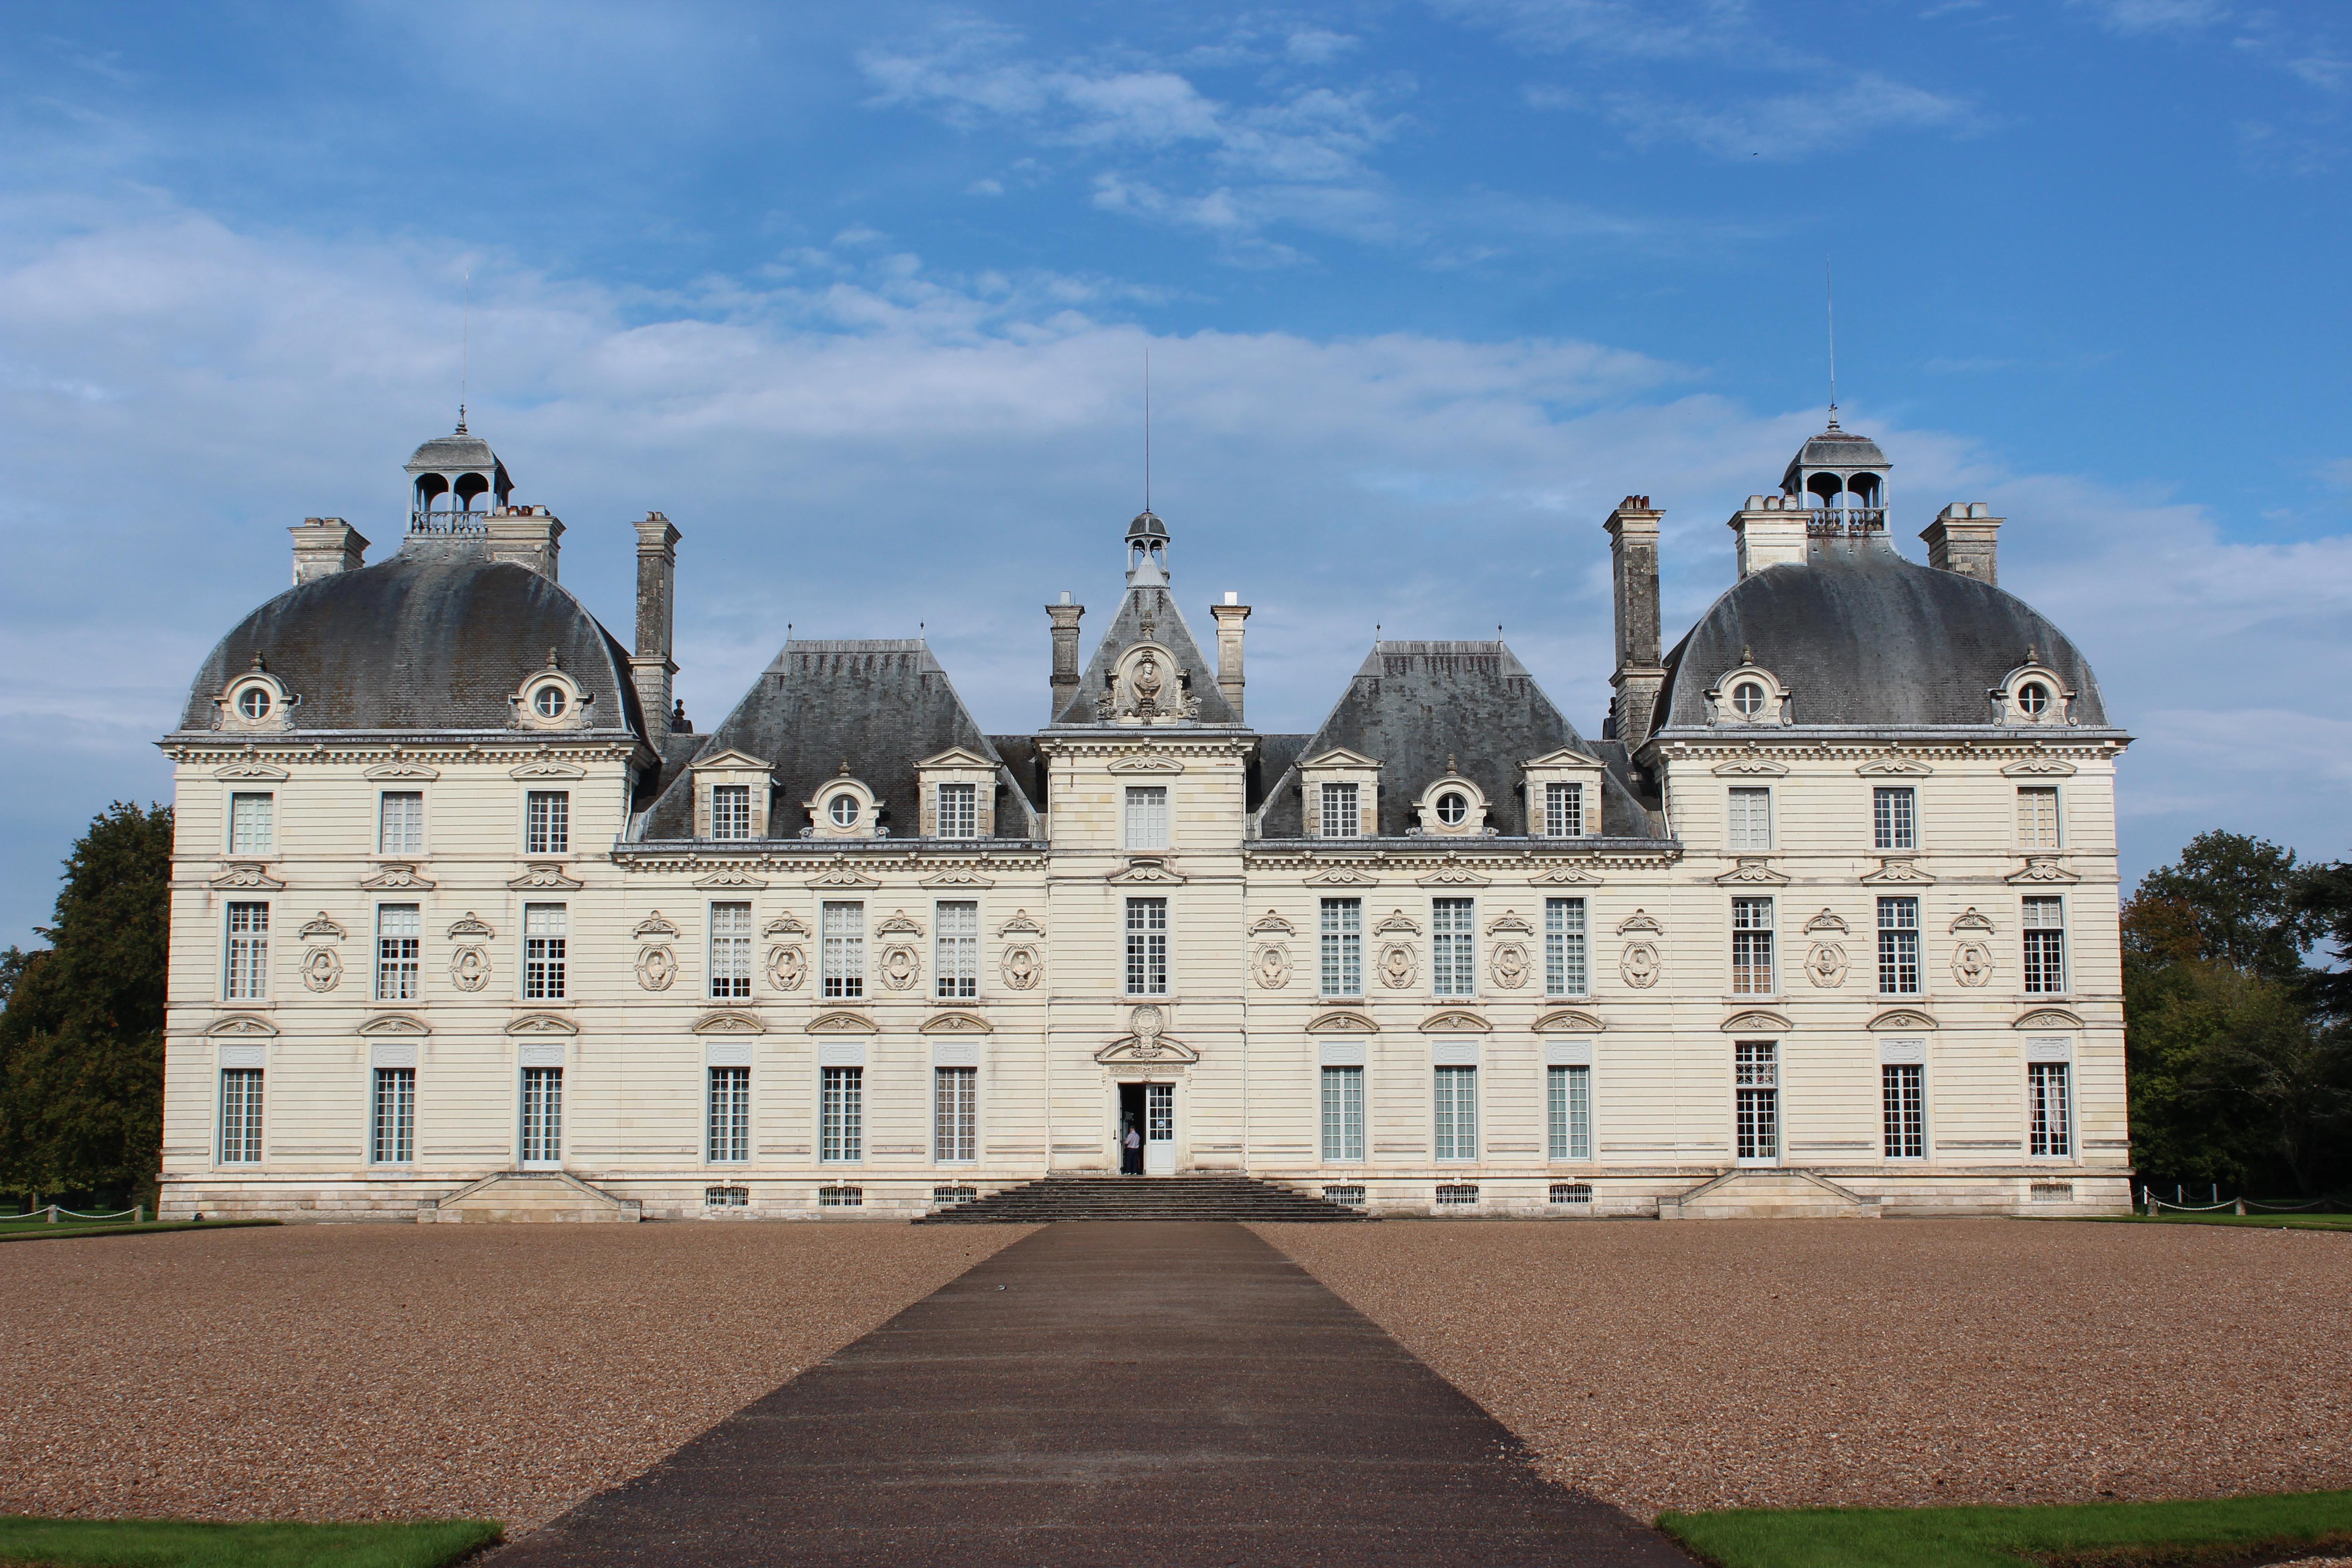 Cheverny ou moulinsart 21 octobre 2012 worl tour n - Le chateau de moulinsart ...